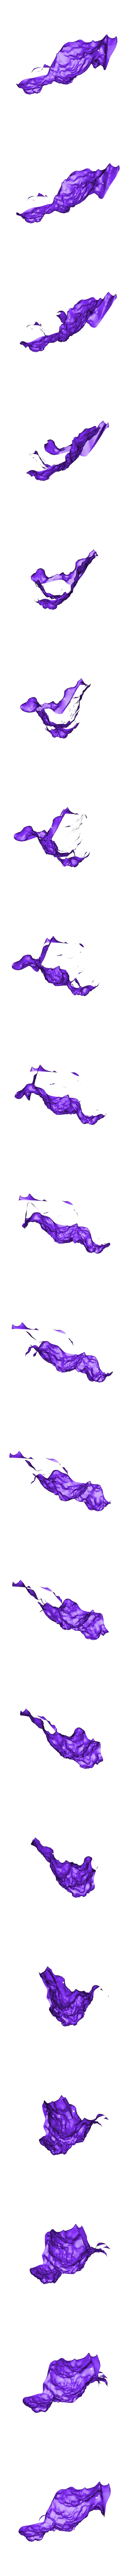 viewable_v4.stl Download free OBJ file Musette, a Maltese dog • Design to 3D print, metmuseum